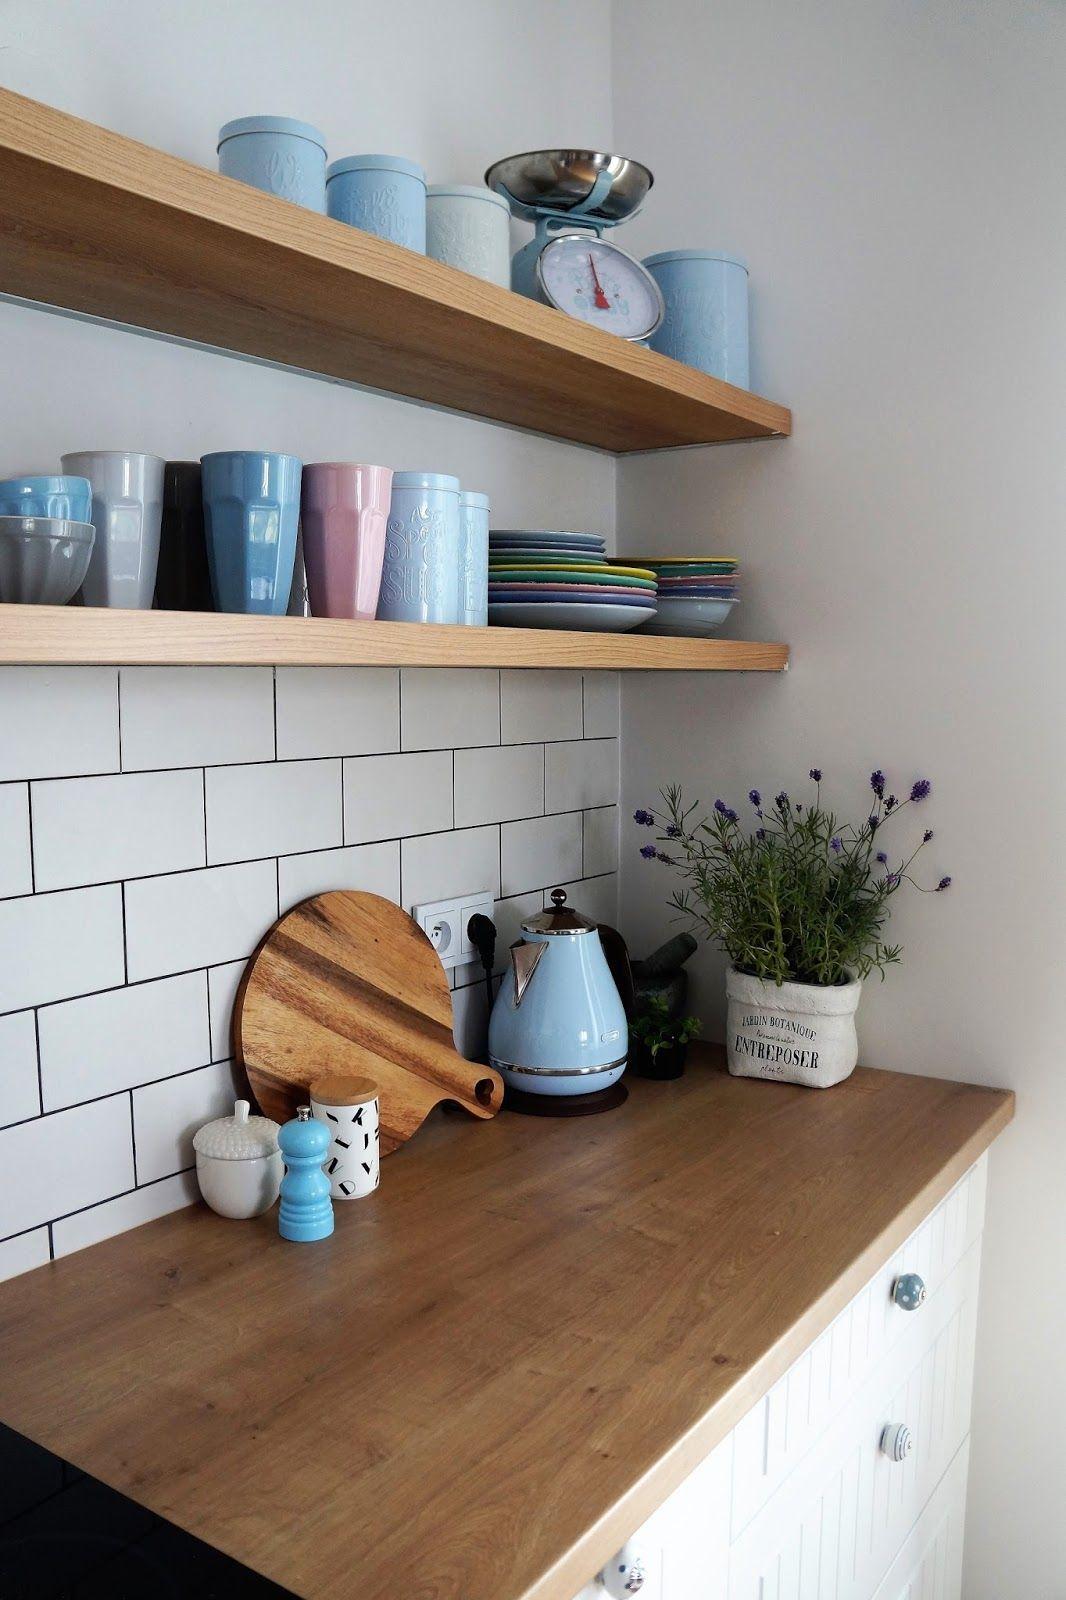 Biała Kuchnia Otwarte Półki Drewniane Półki Kuchnia Waga